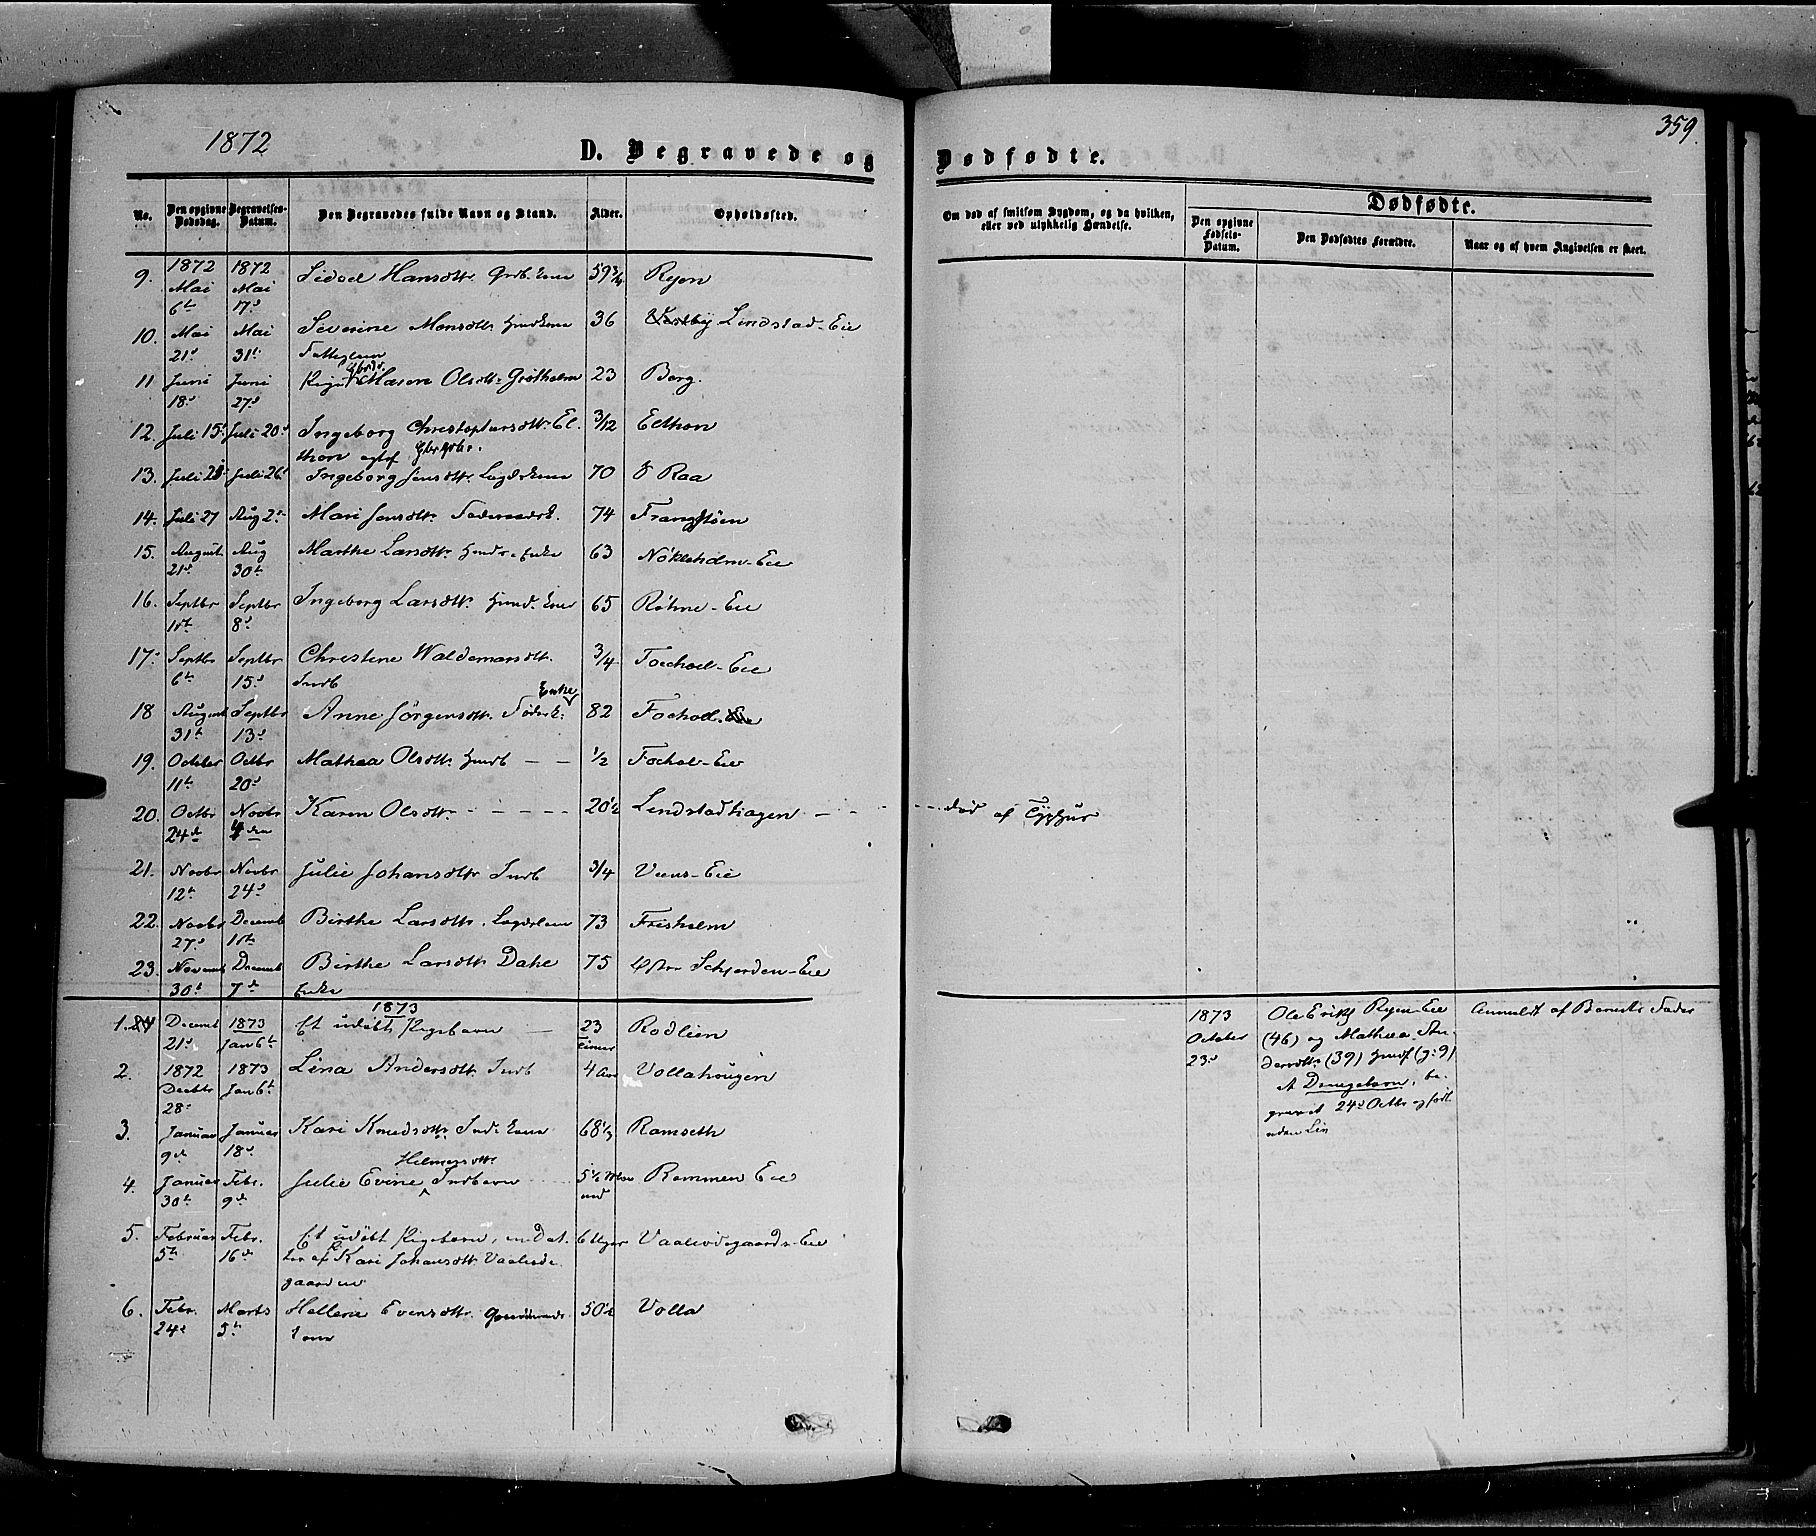 SAH, Stange prestekontor, K/L0013: Parish register (official) no. 13, 1862-1879, p. 359